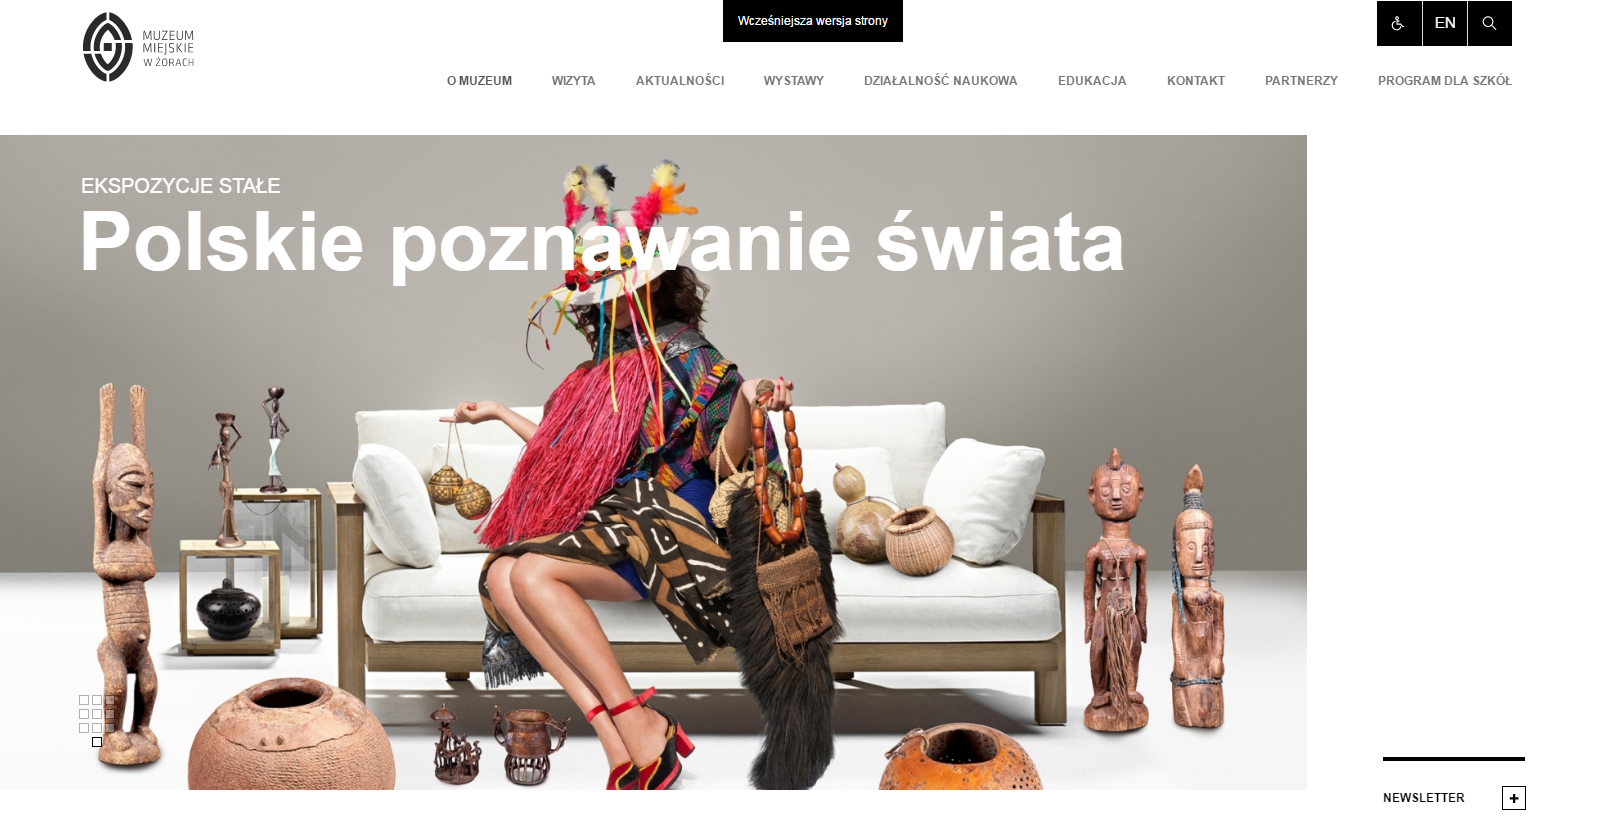 Główna strona portalu internetowego